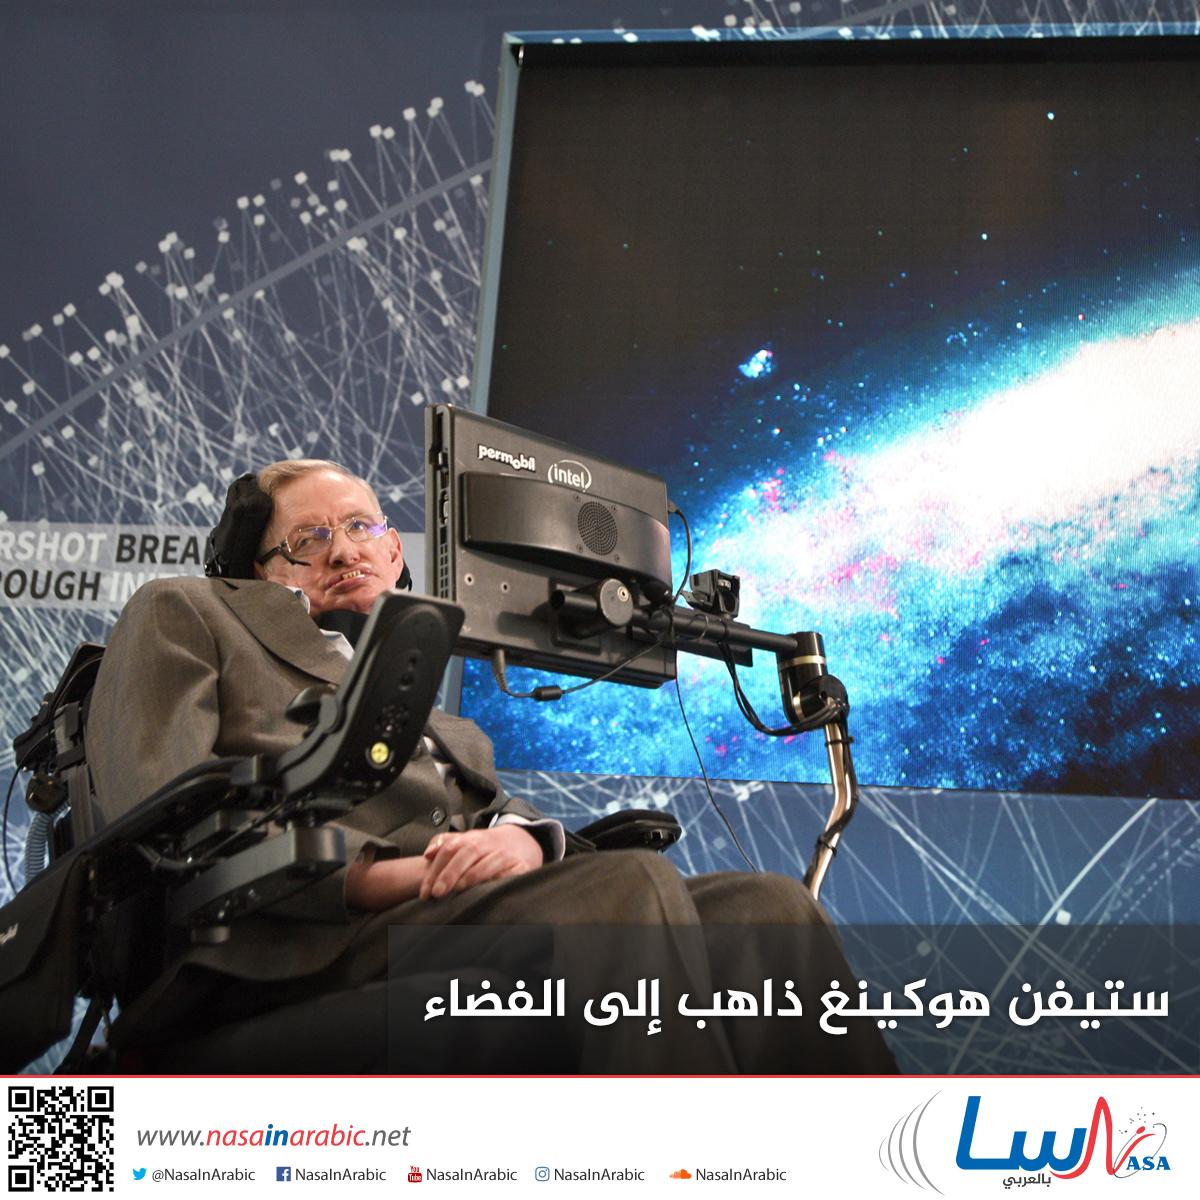 ستيفن هوكينغ ذاهب إلى الفضاء